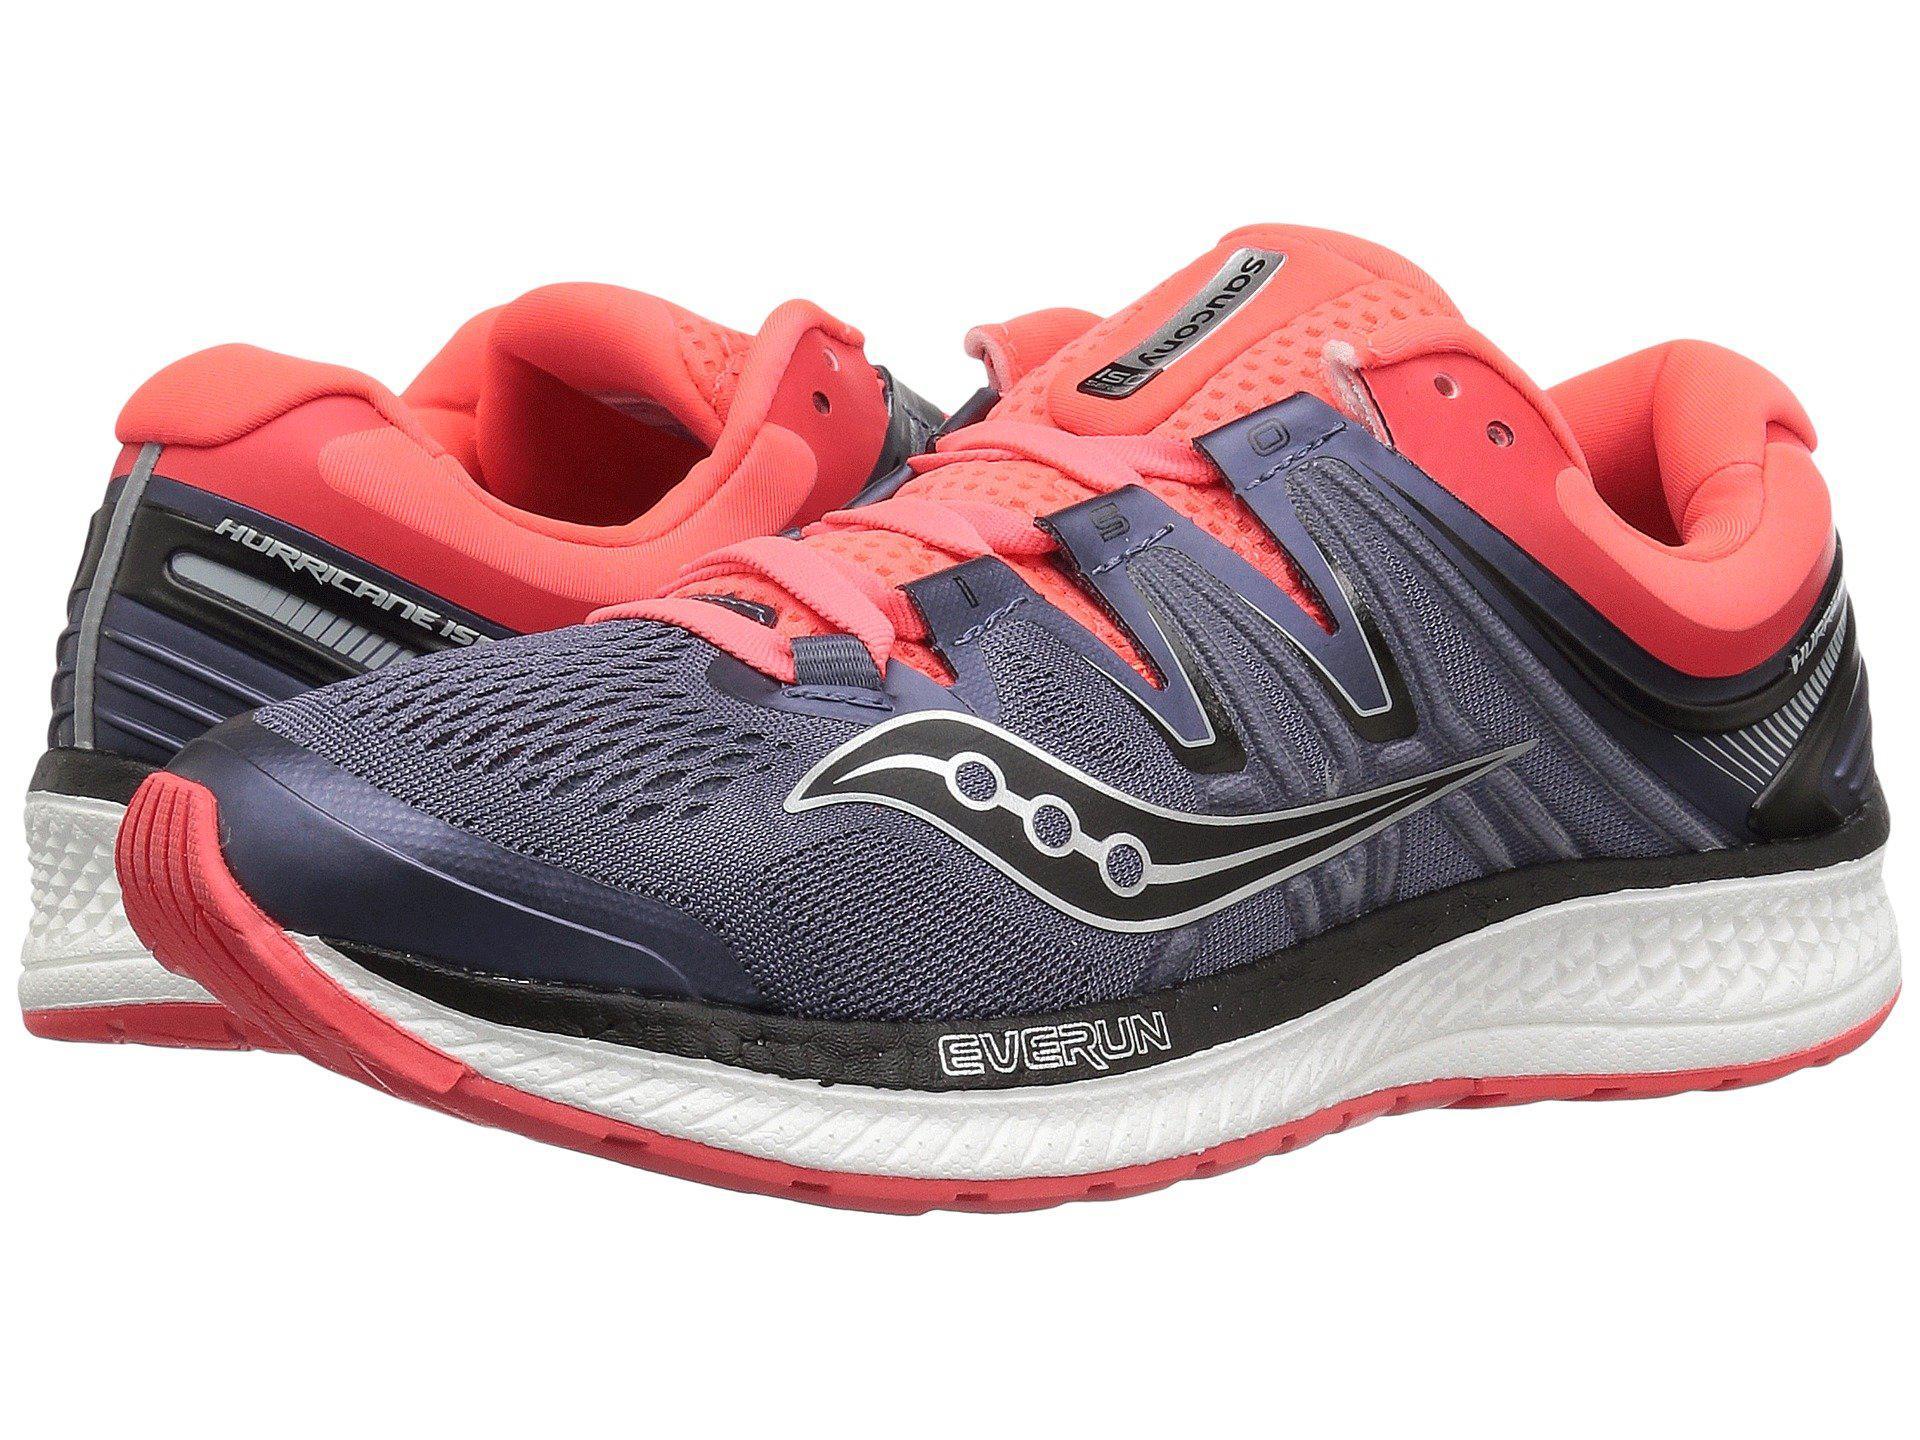 Saucony OMNI ISO - Stabilty running shoes - black/grey/vizired eSVxH1WF3v